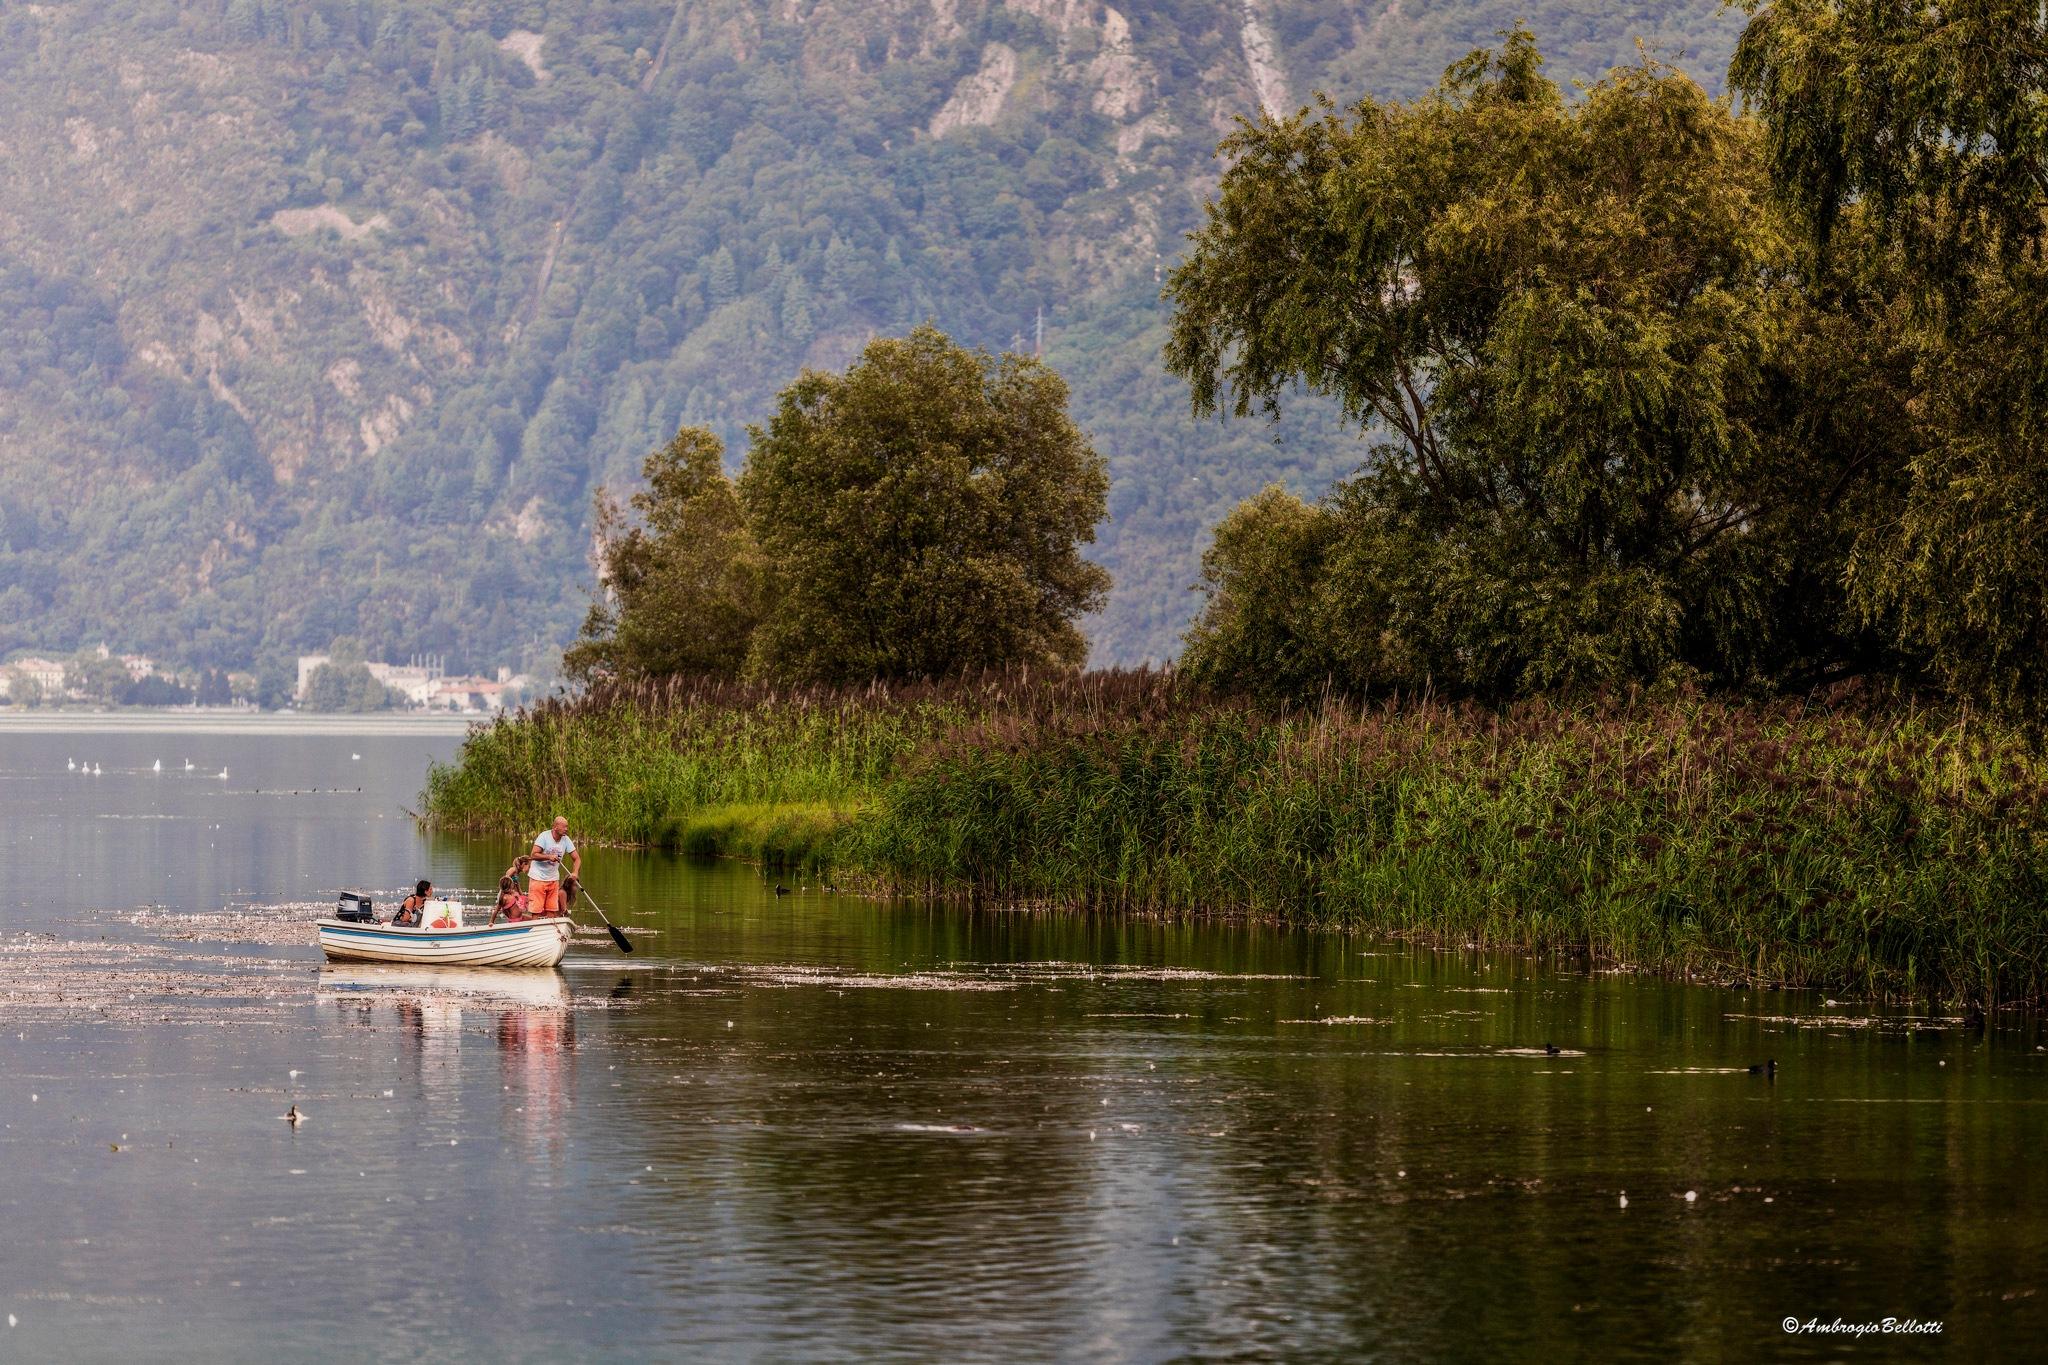 lago di Mezzola. by Ambrogio Bellotti